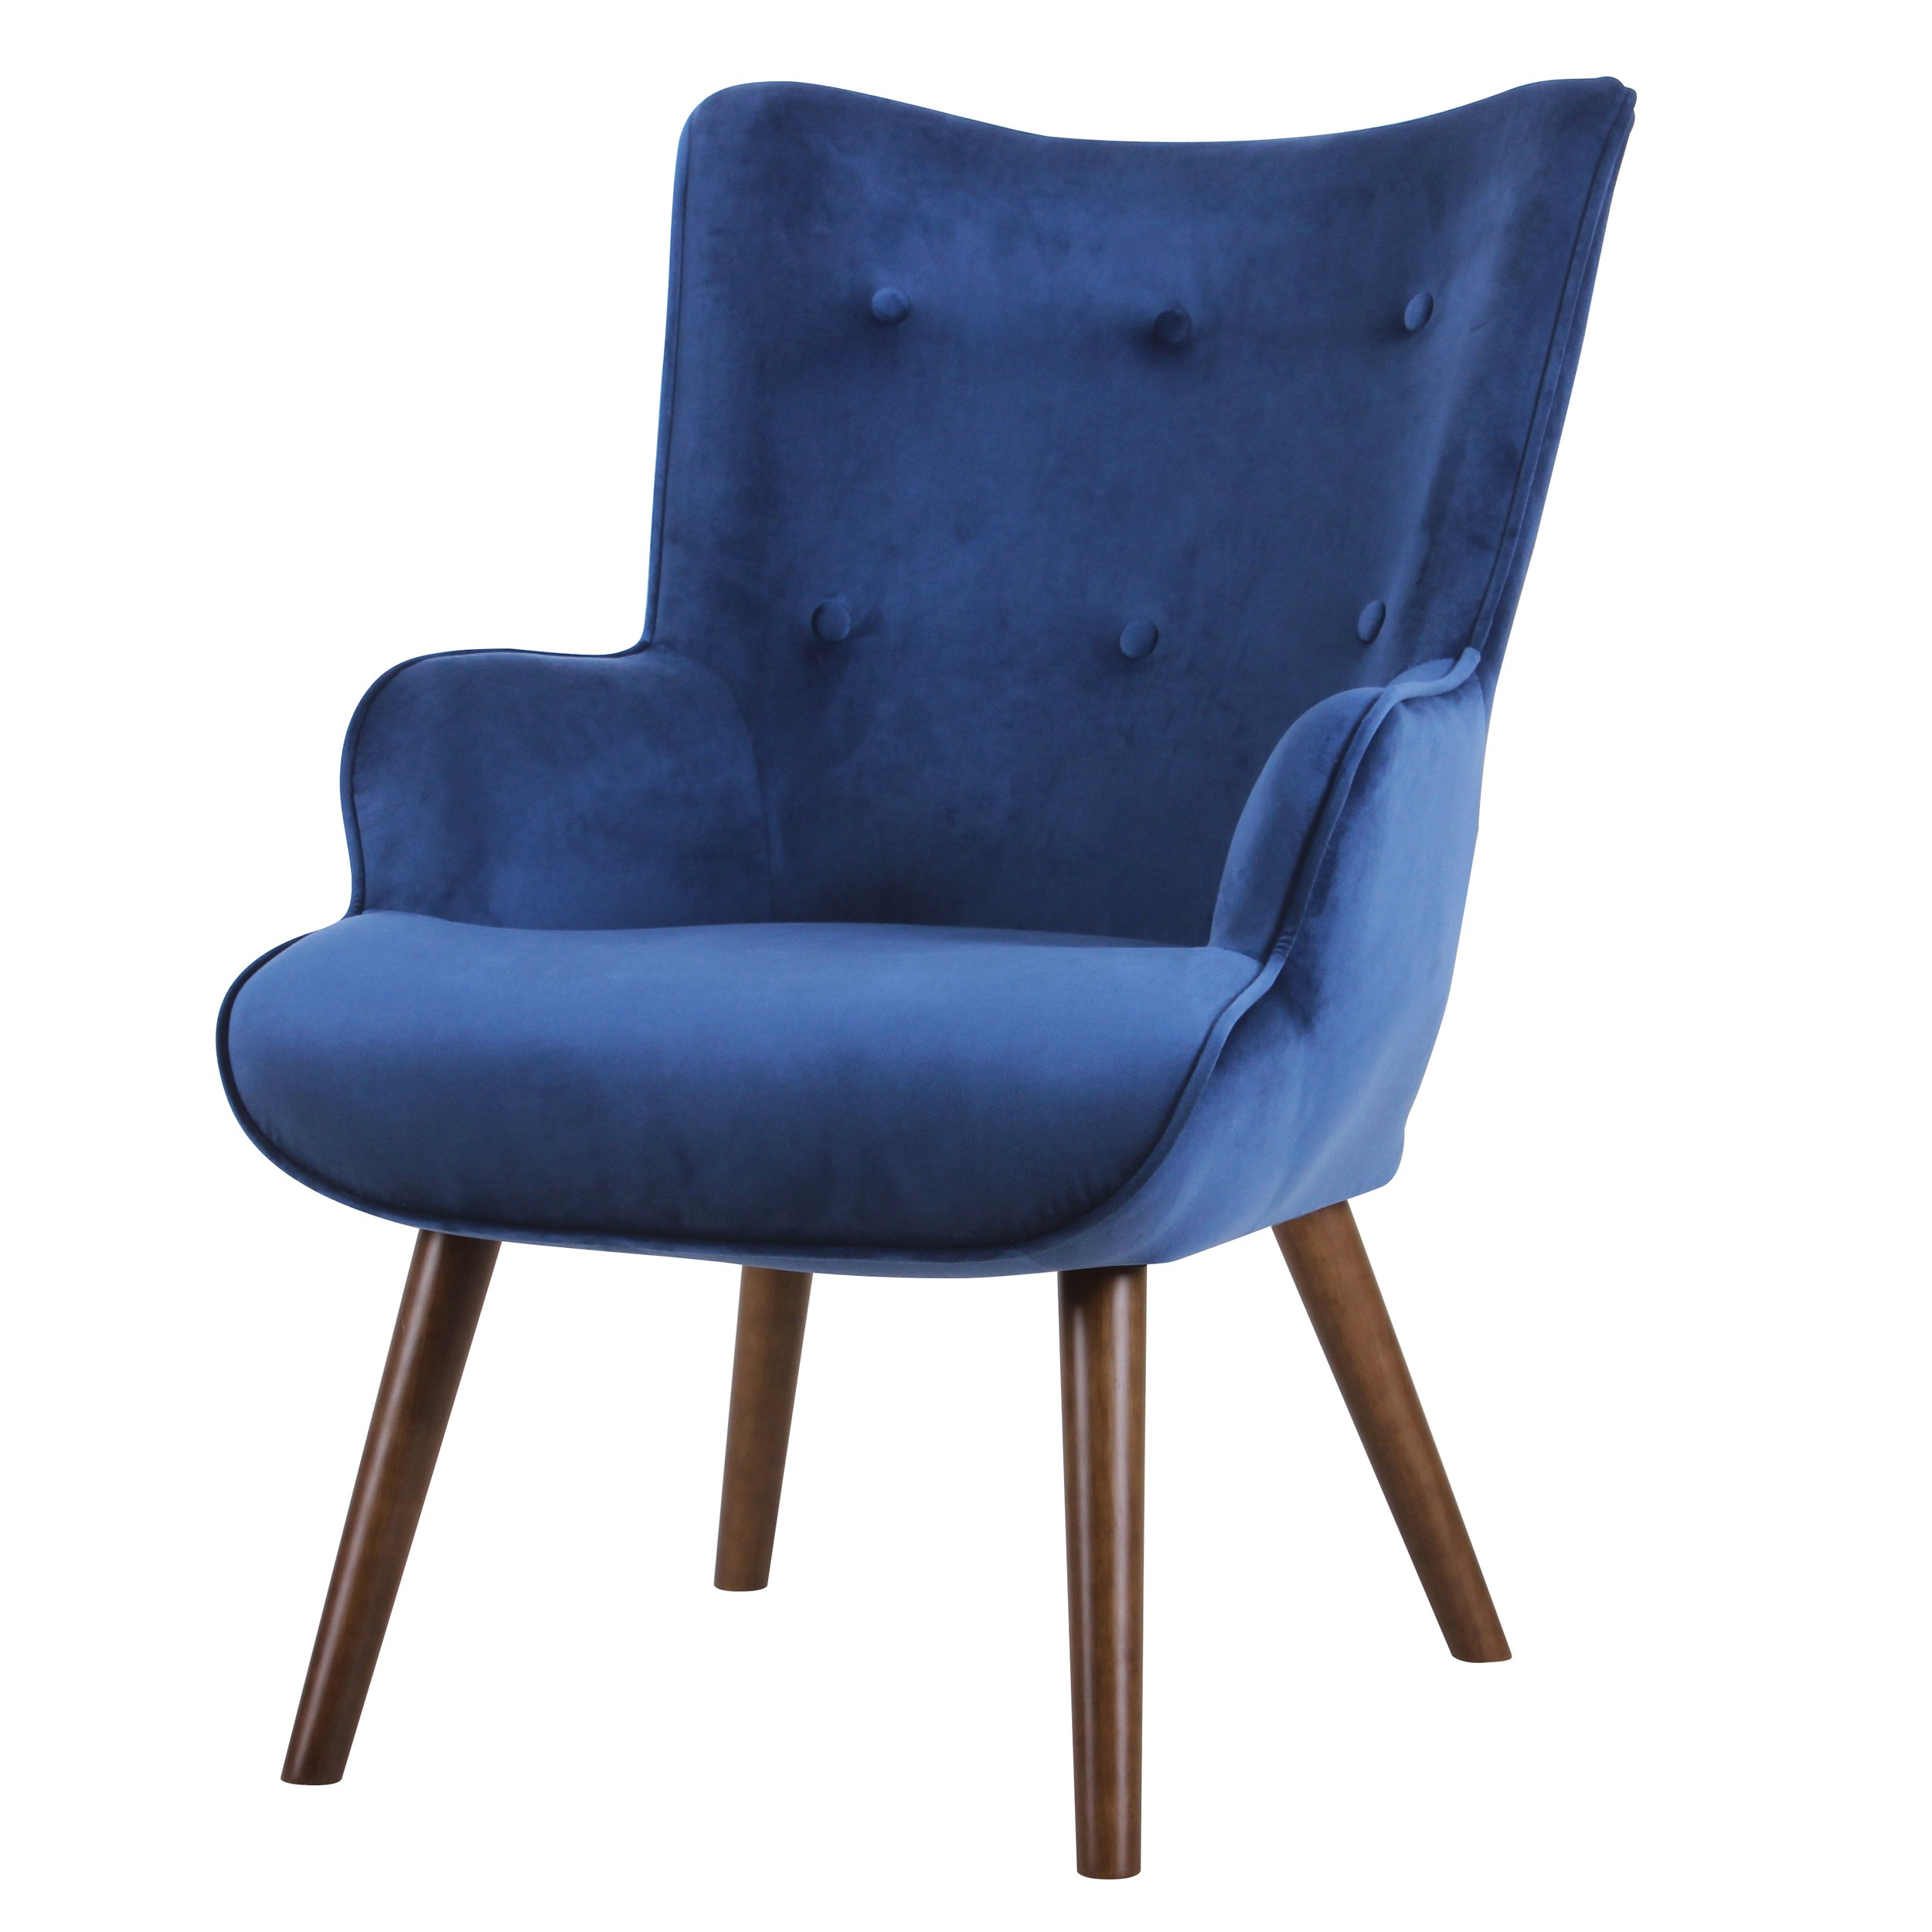 acheter fauteuil bleu velours pieds fonces